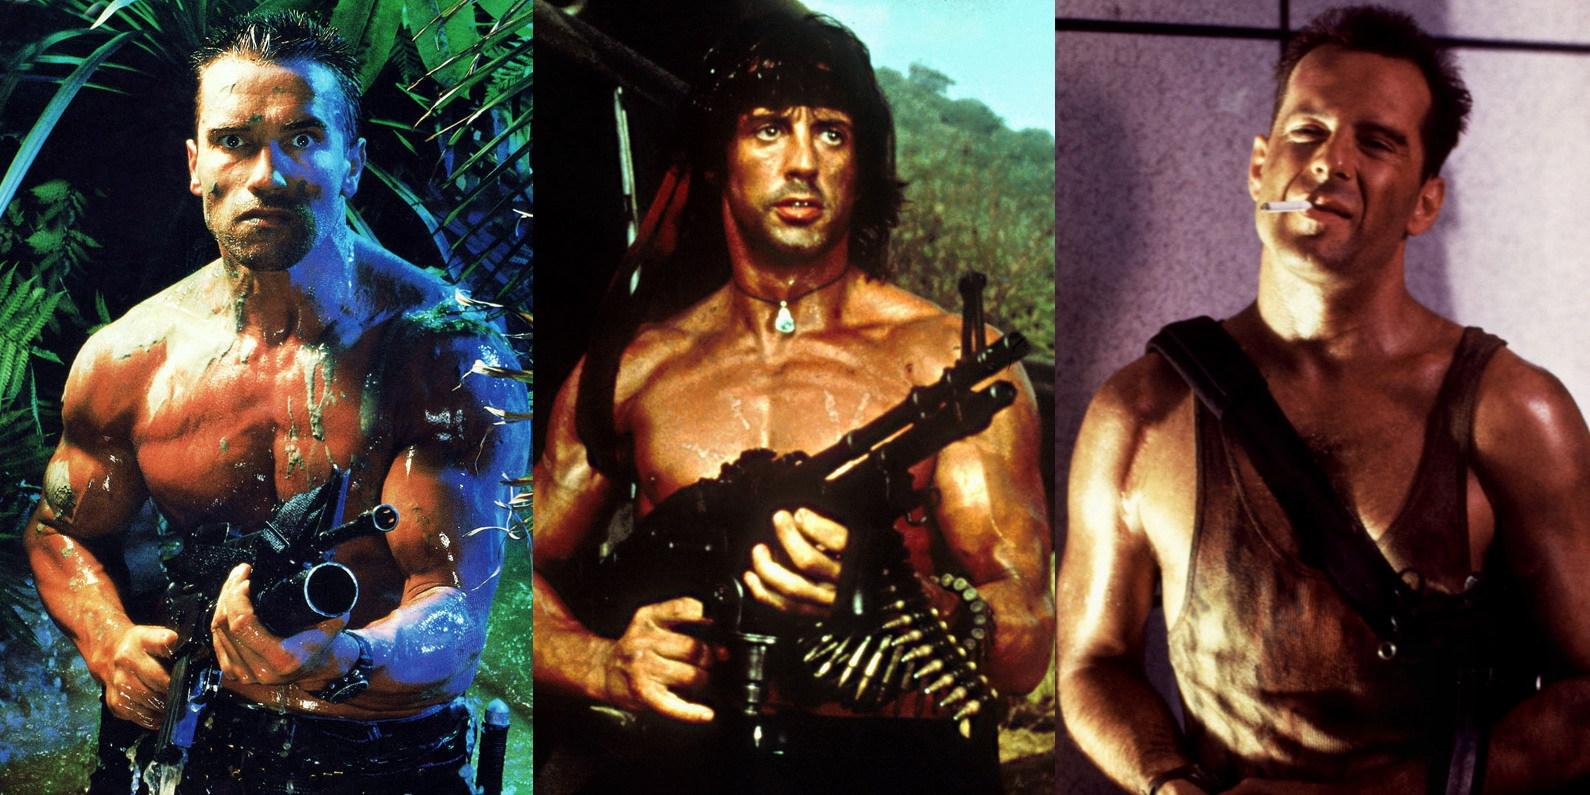 Ação de alta voltagem: Os grandes filmes da pesada dos anos 80